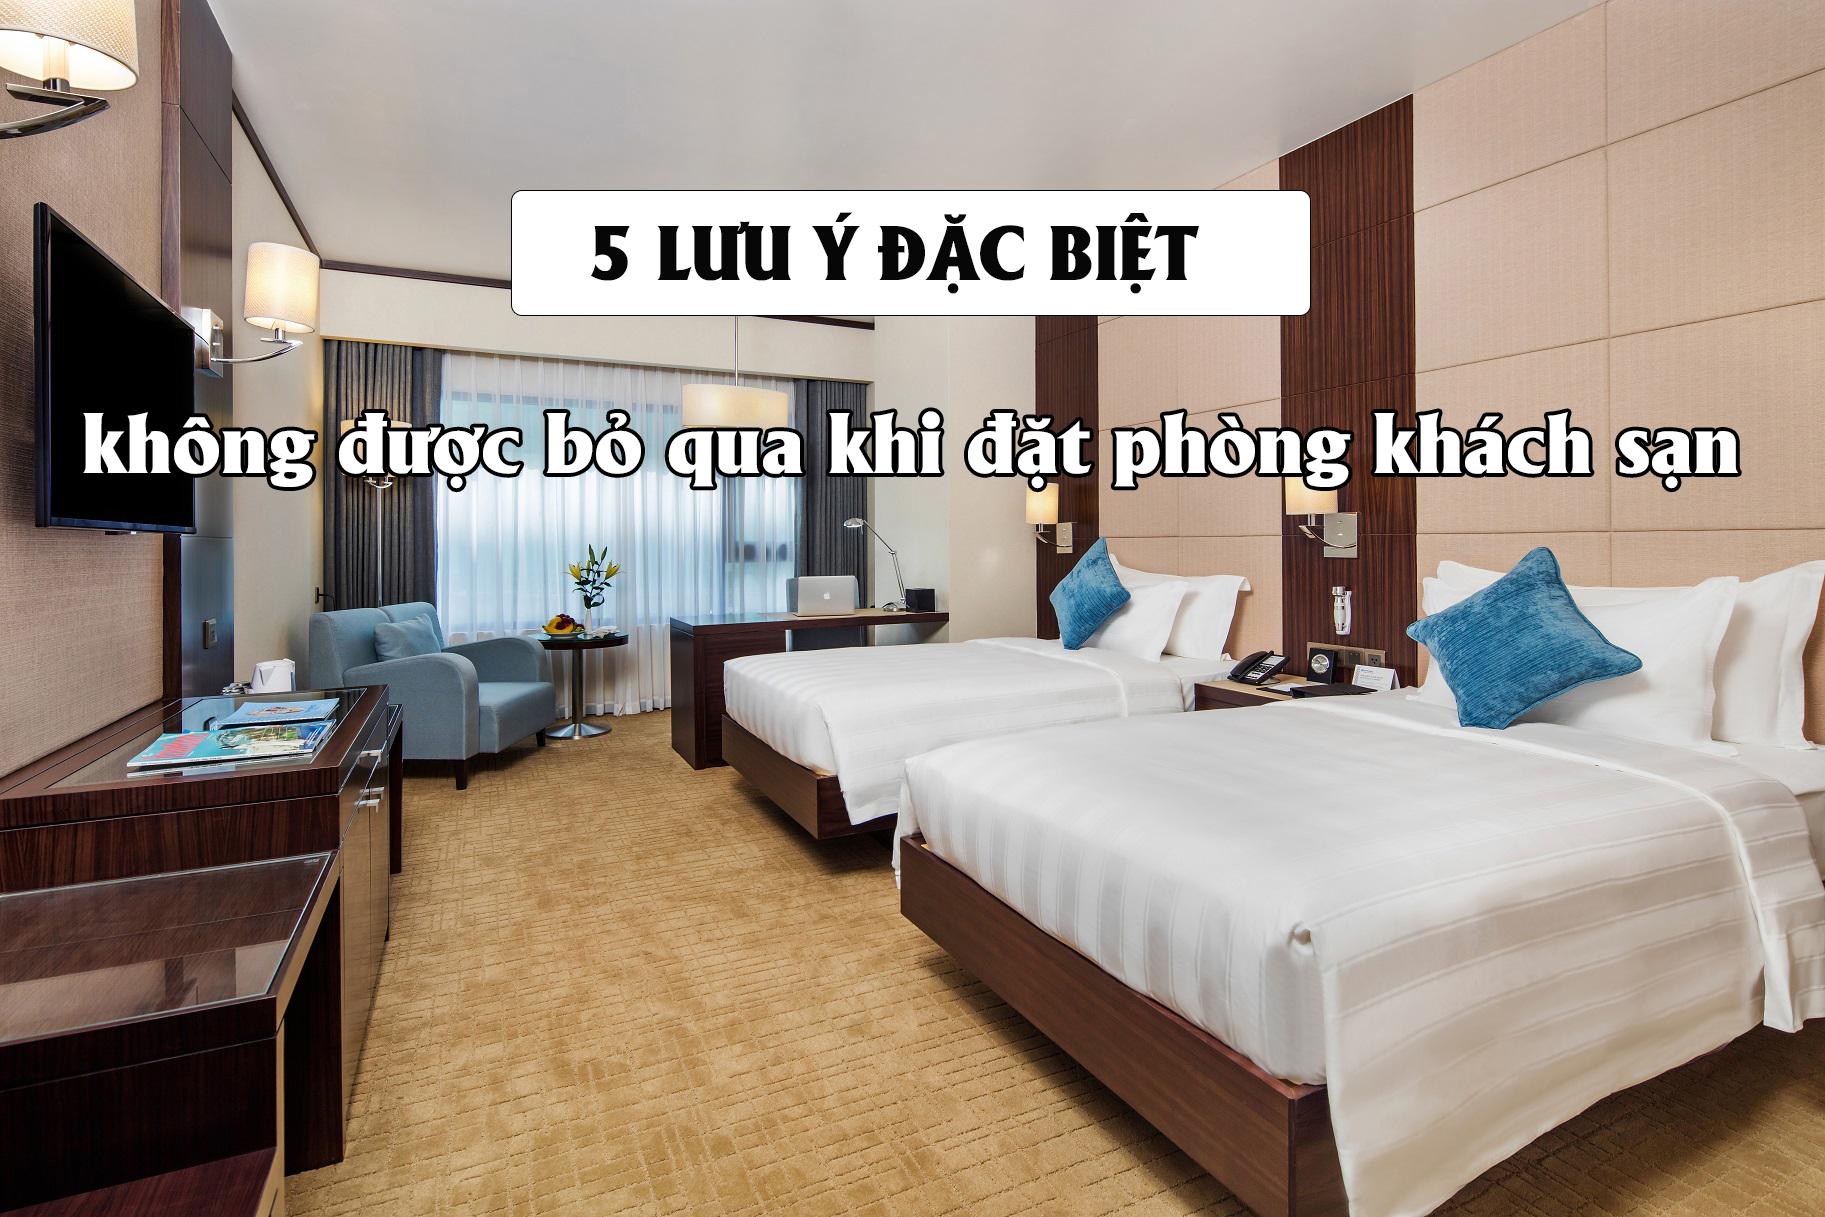 Lưu ý khi đặt phòng khách sạn